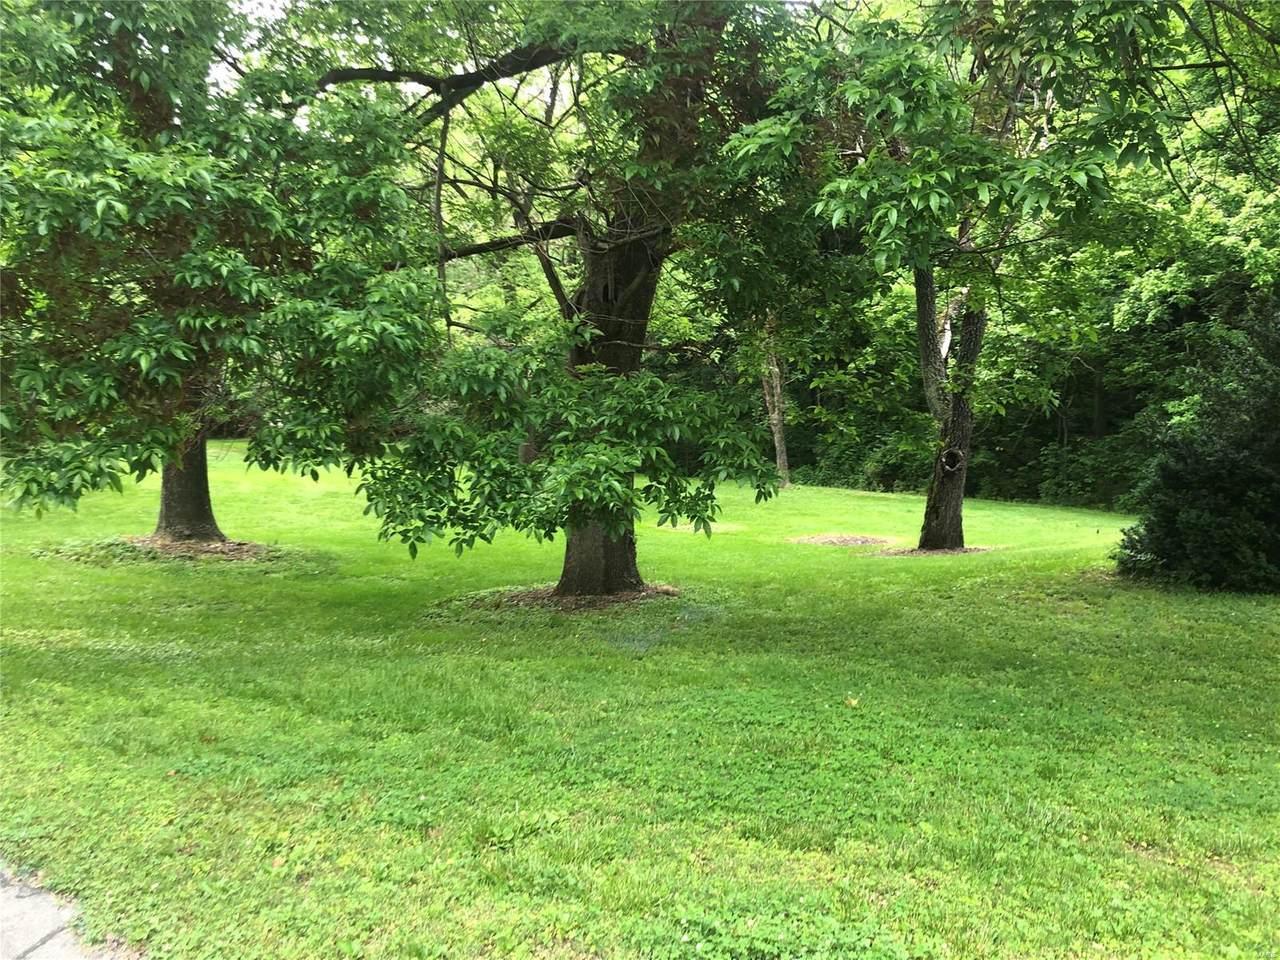 702 Babler Park Drive - Photo 1